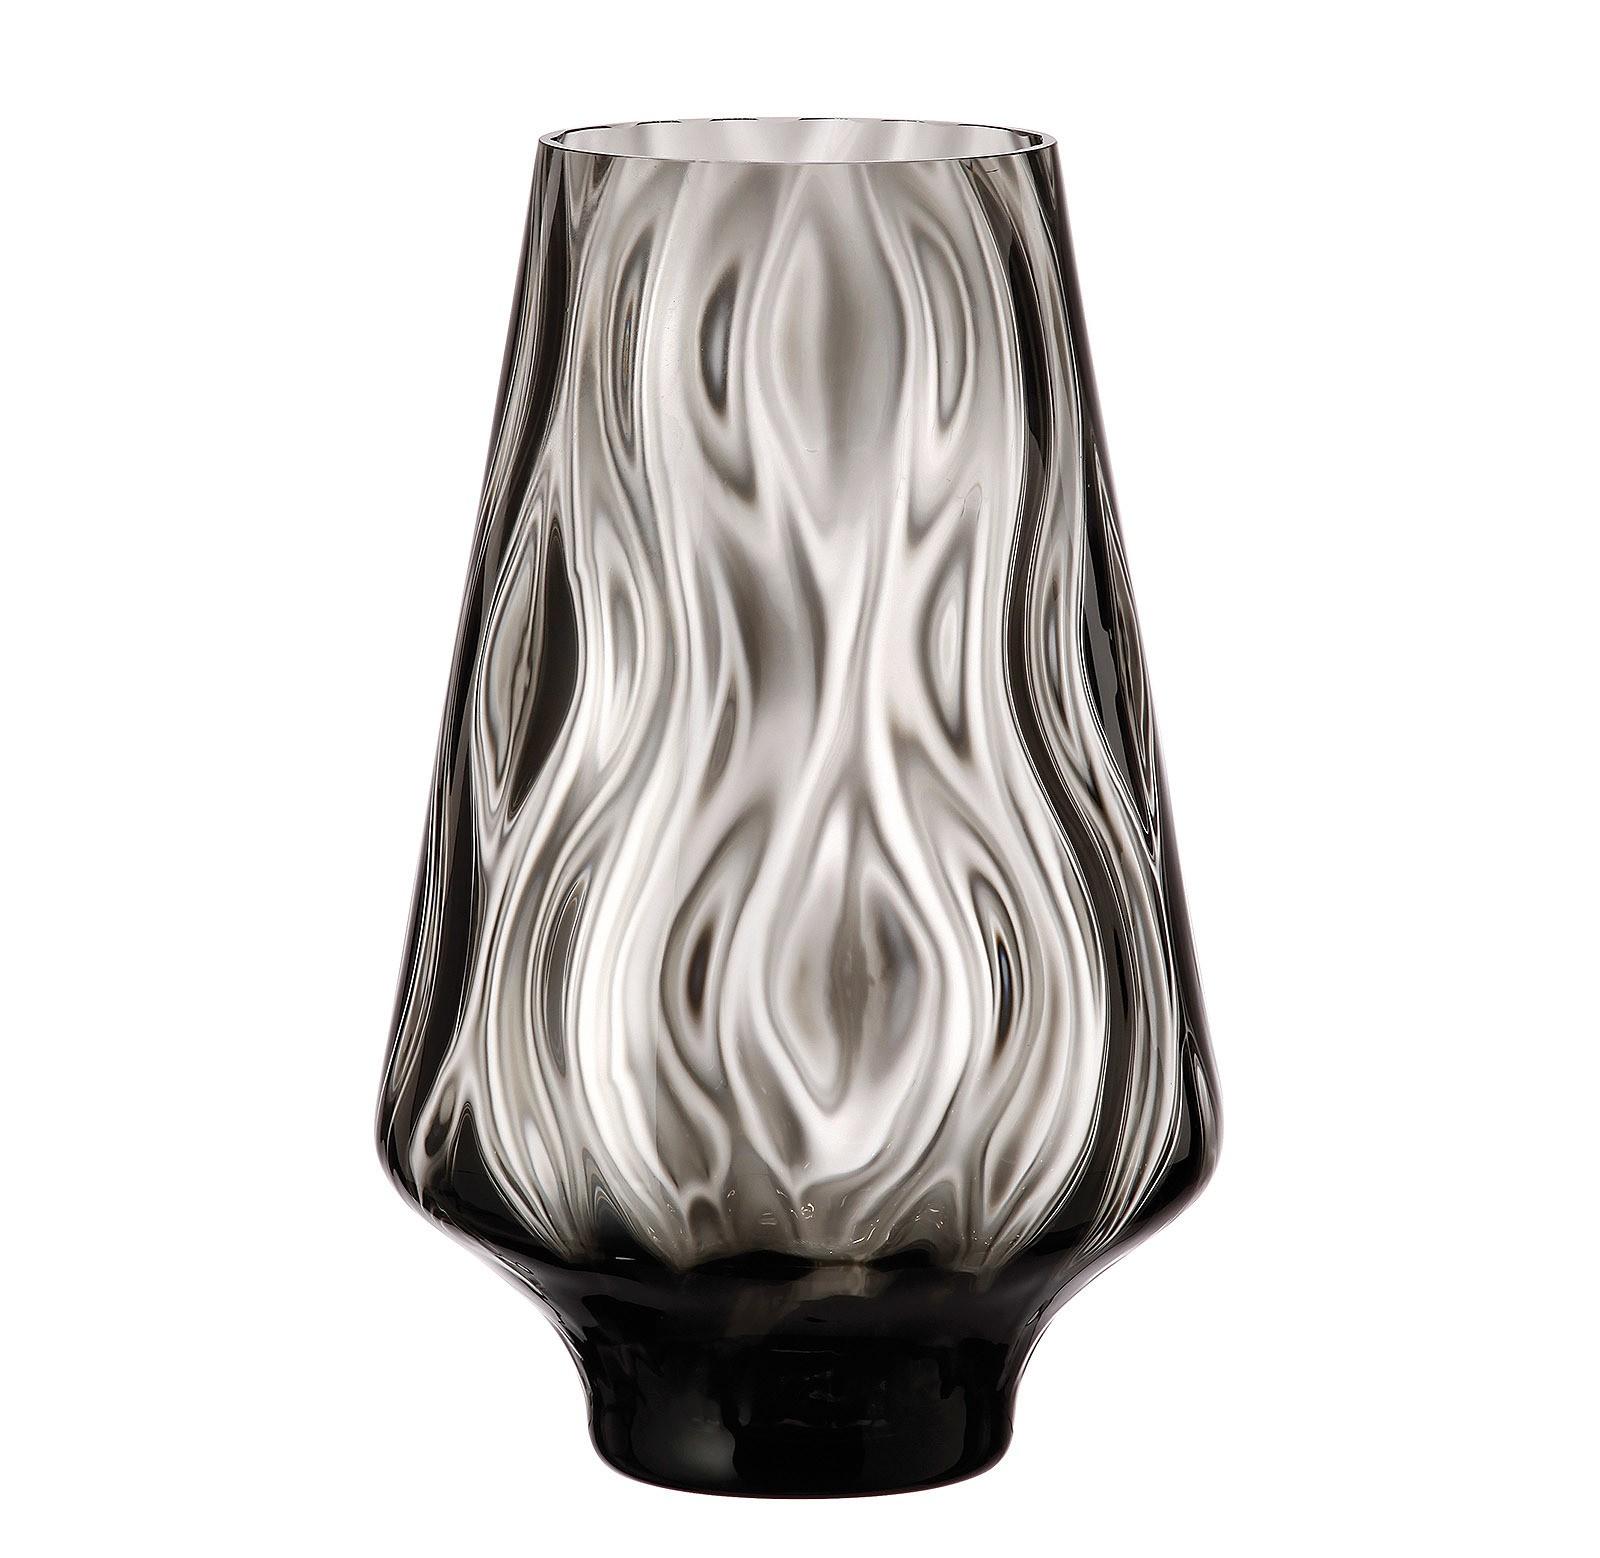 Ανθοδοχείο Optic Rhythm Black Bohemia Κρυστάλλινο 25cm home   κρυσταλλα  διακοσμηση   κρύσταλλα